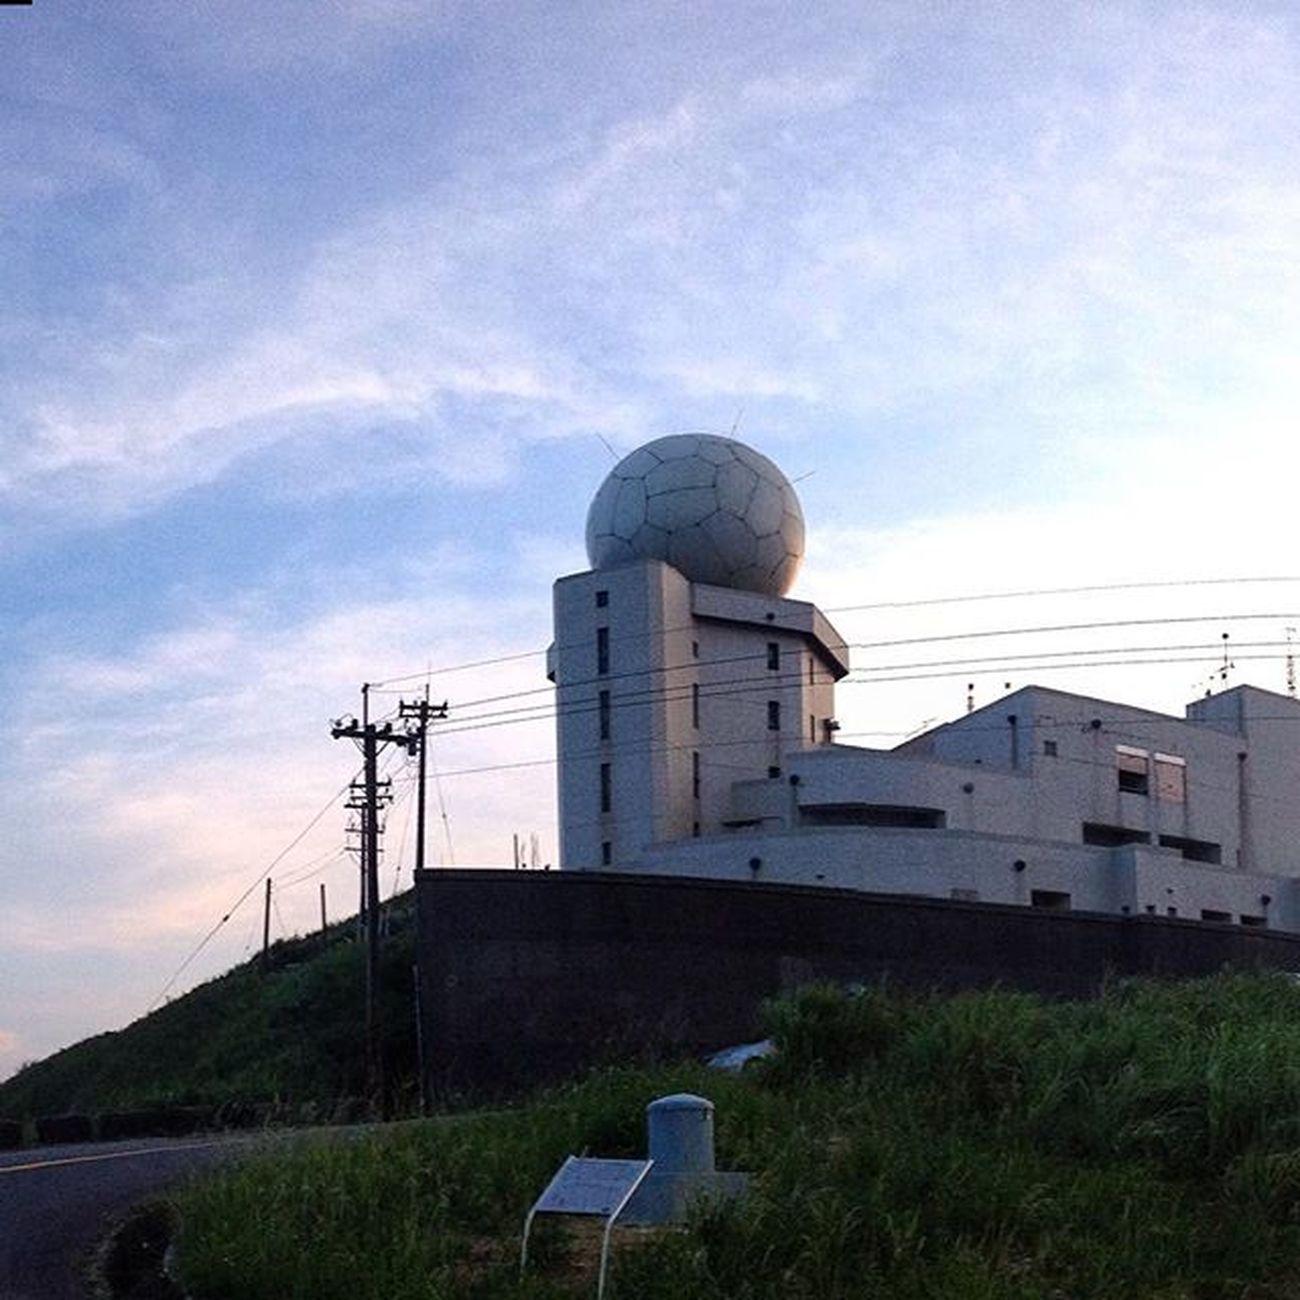 剛吃晚餐看新聞...這顆雷達也爆了 好險已朝聖過的建築又多一個 一年後在去拜訪新的球~